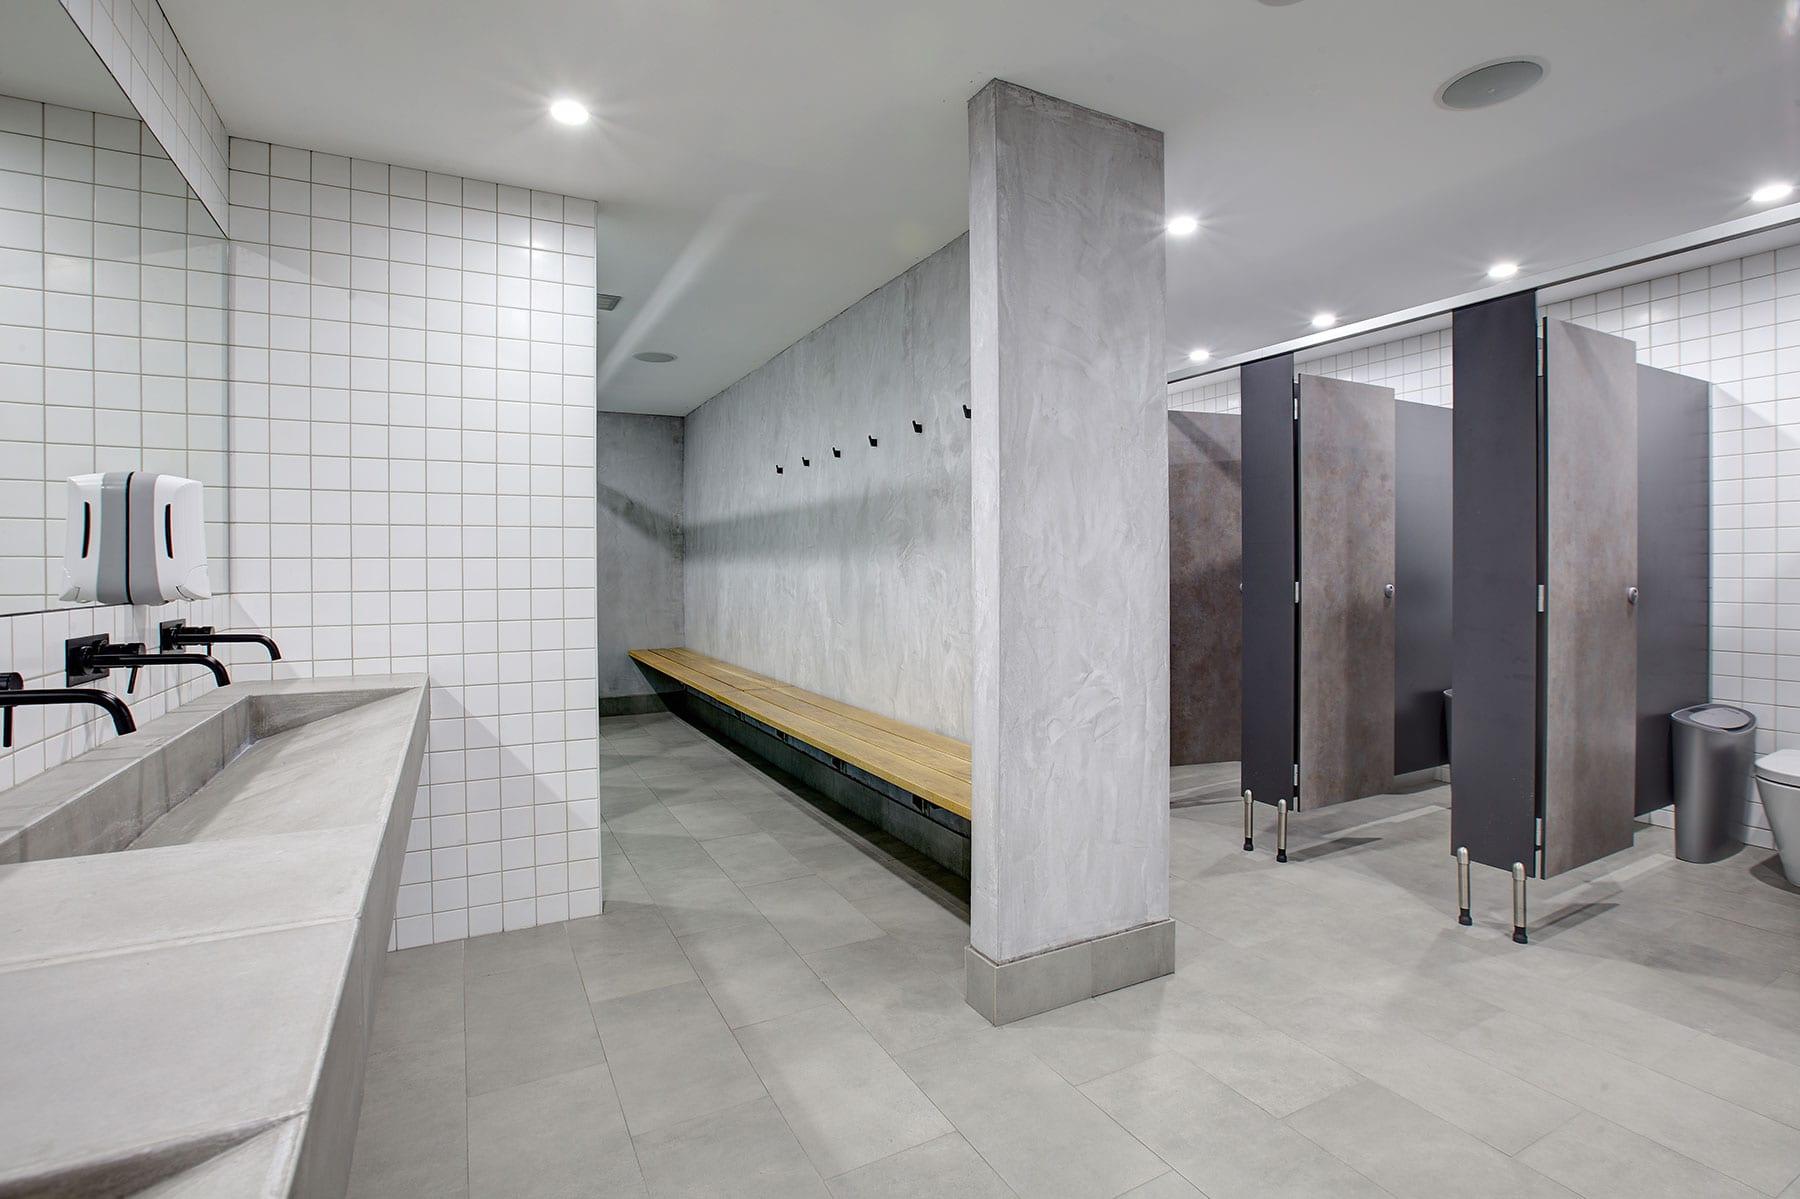 Concrete Ramp Sinks at Tempus Gym - internal view - by Concrete Studio